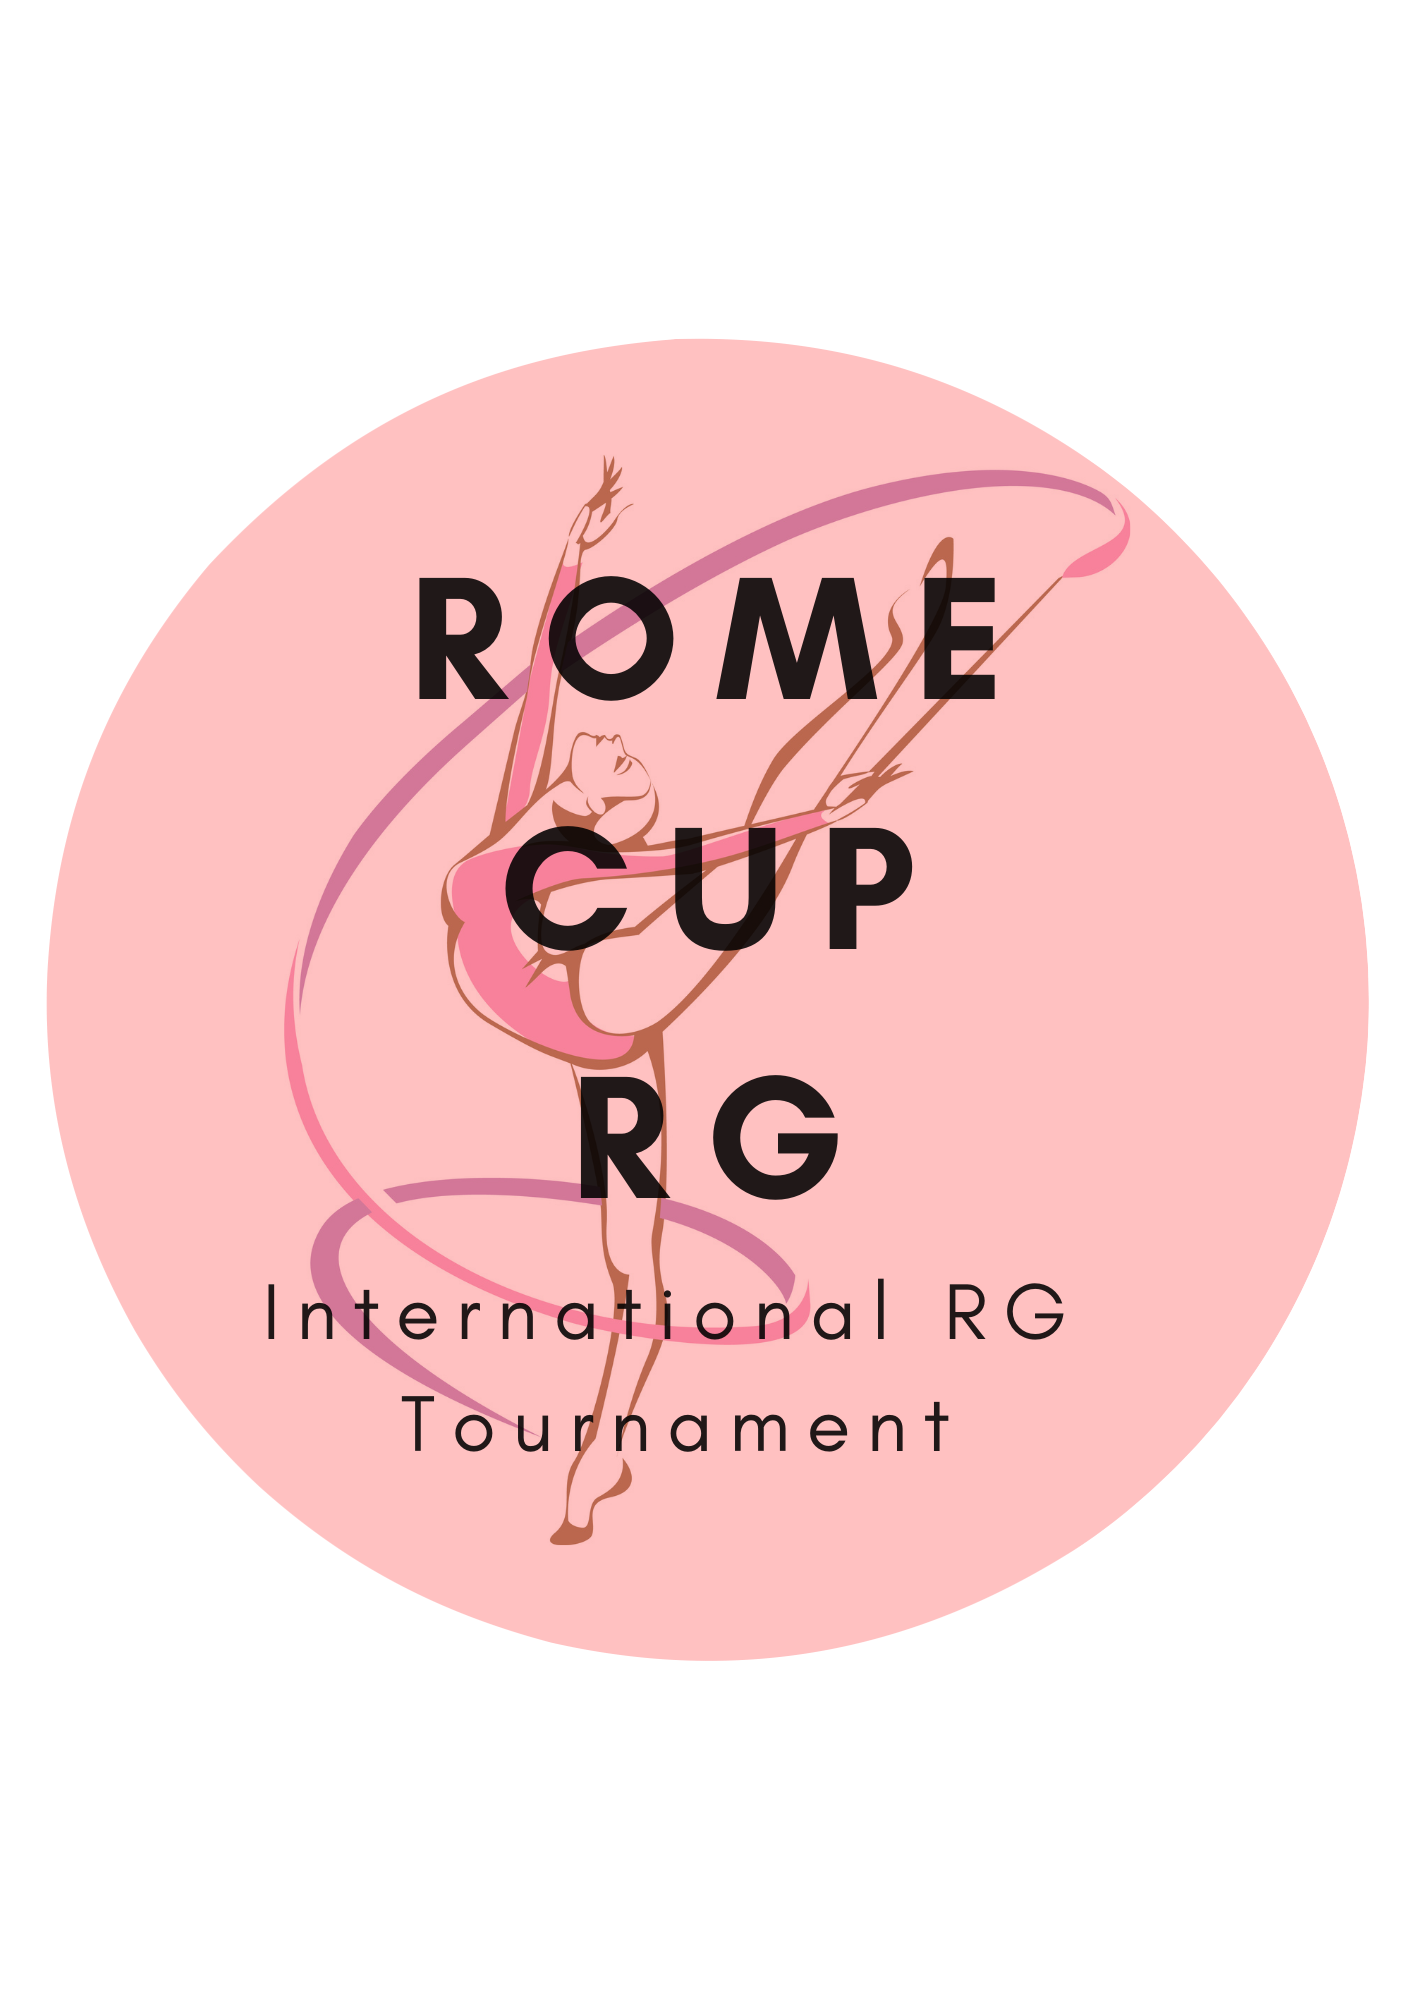 Rome Cup Rhythmic Gymnastics